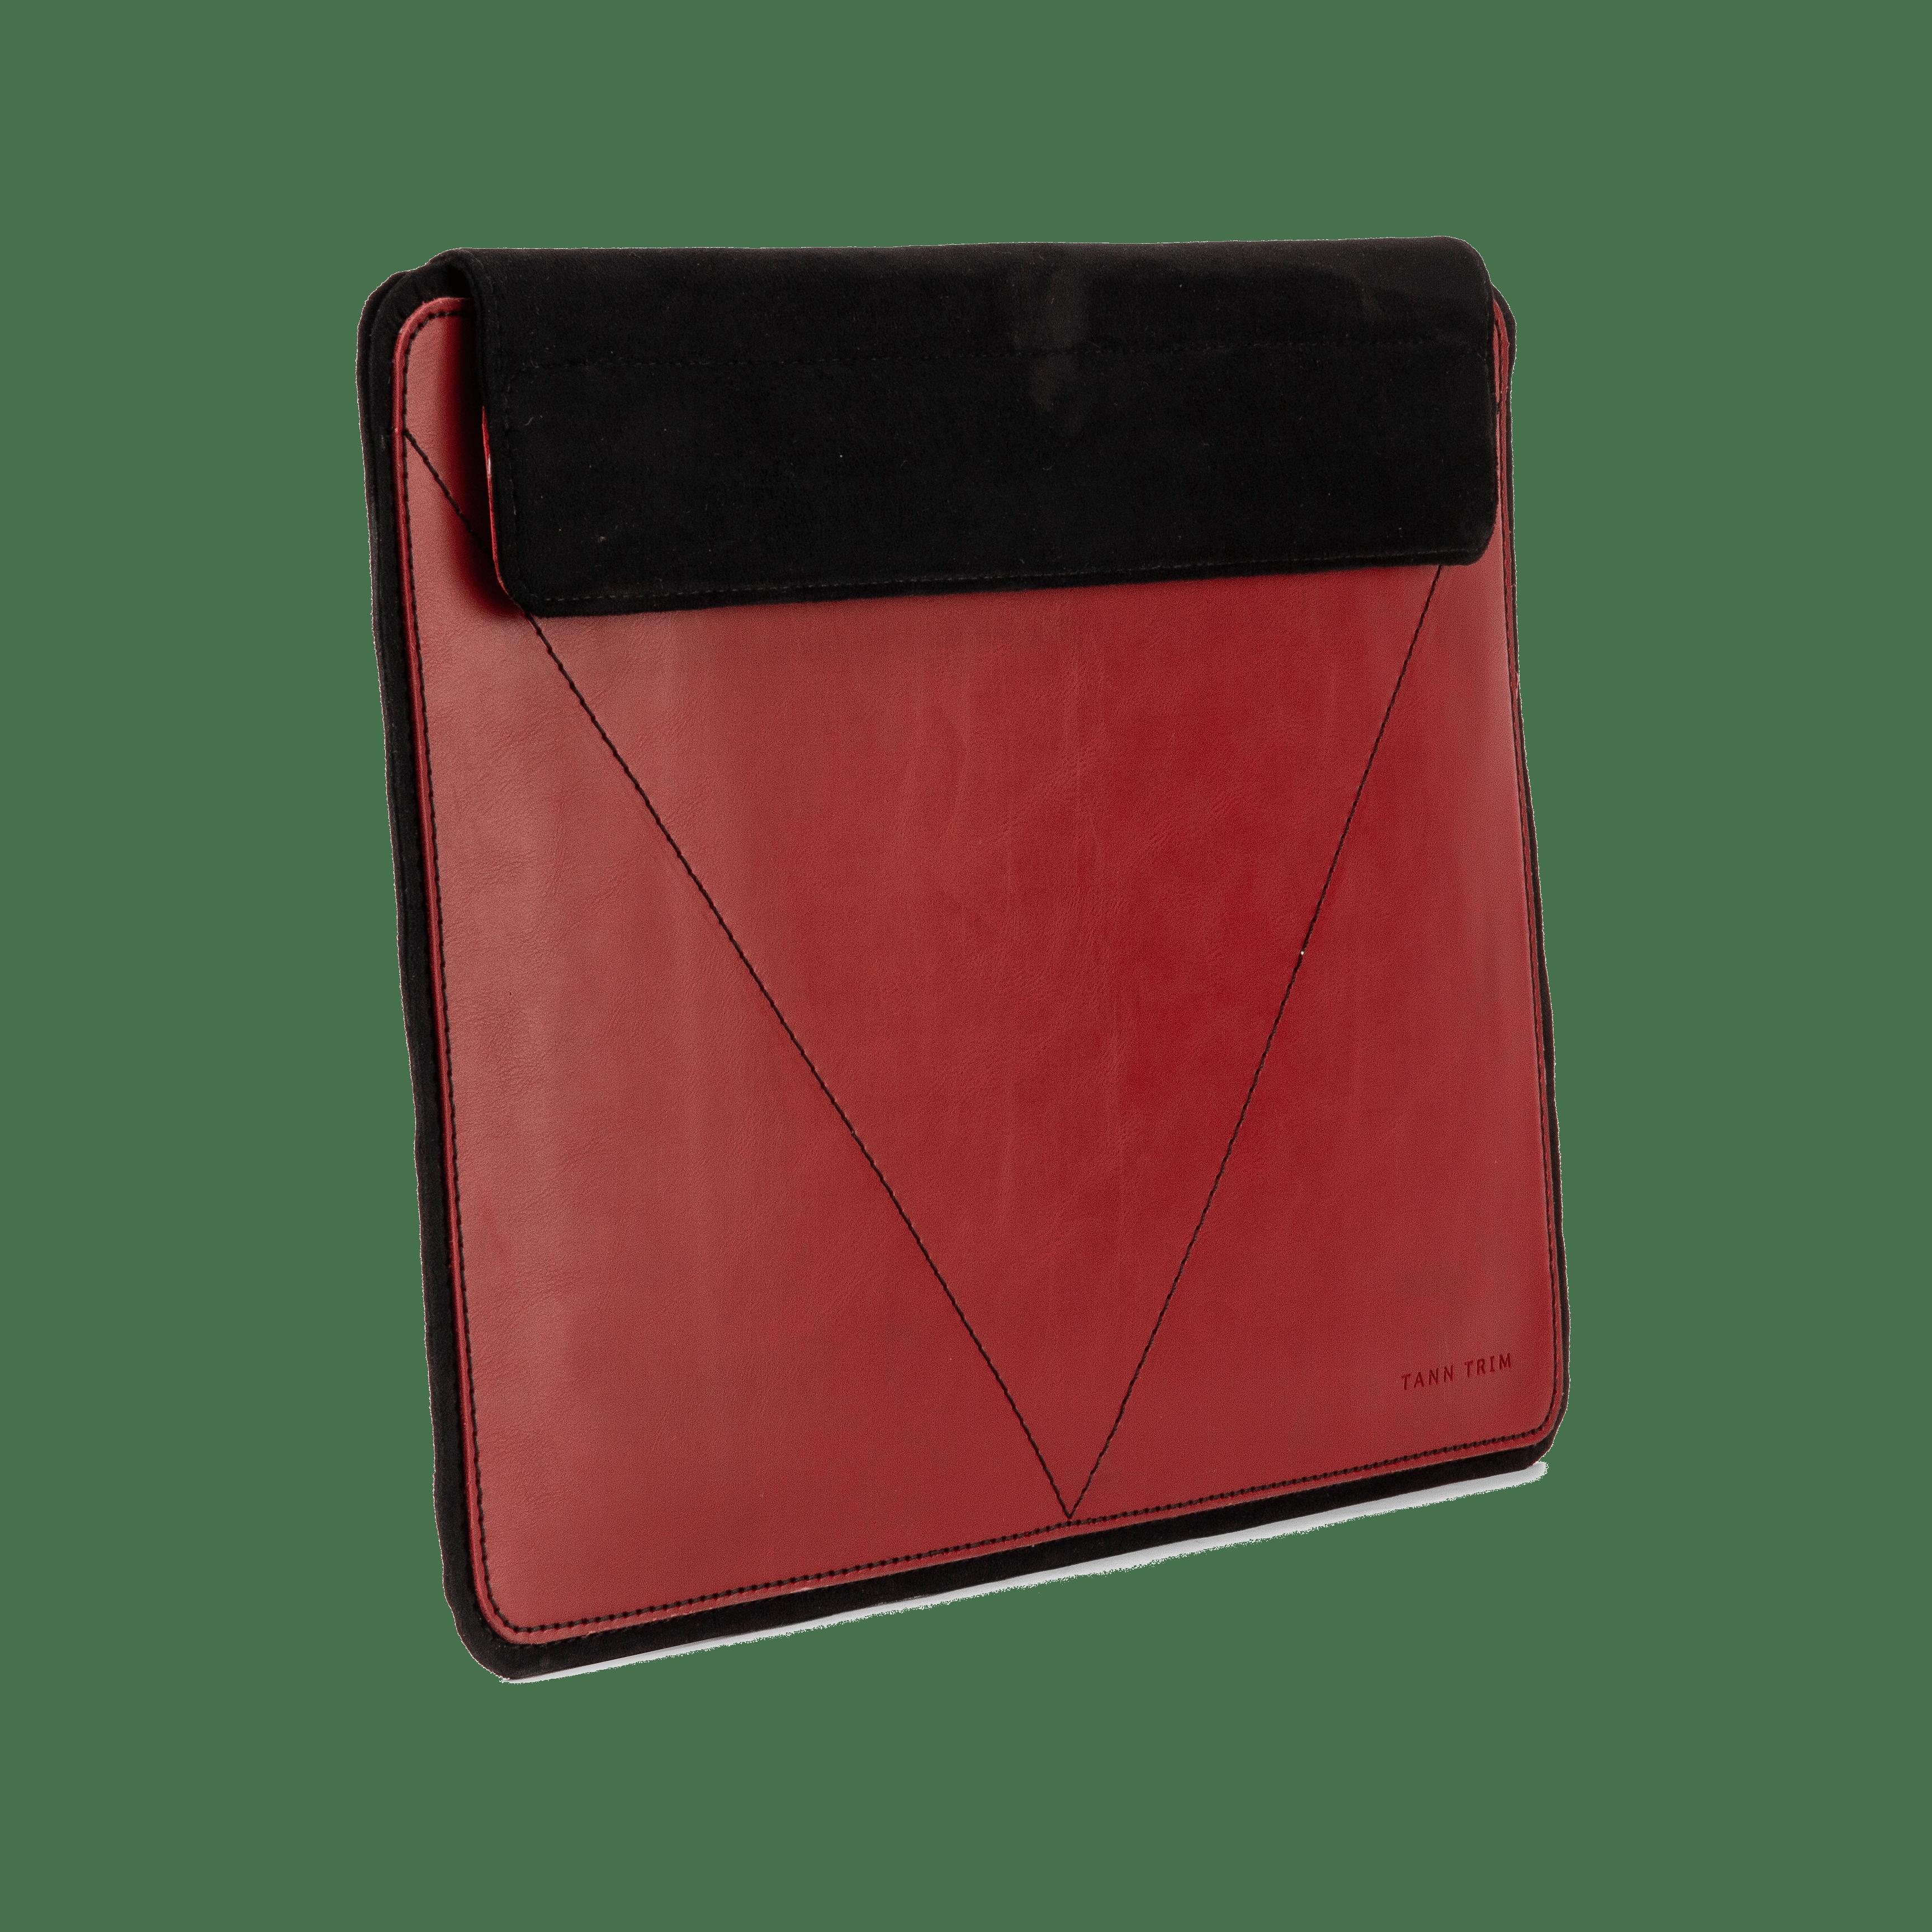 The Portfolio Macbook Sleeve